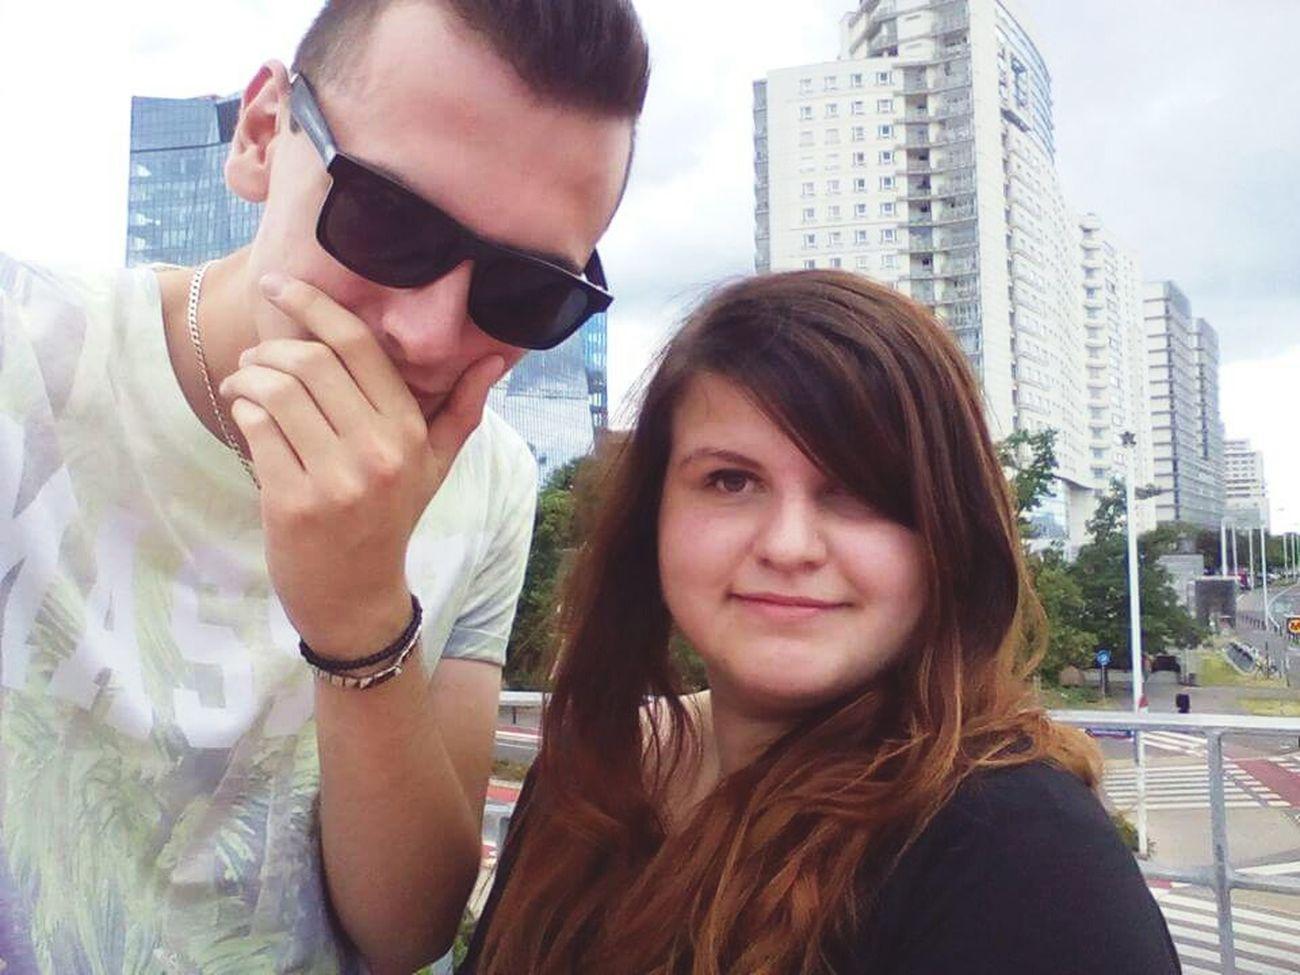 Hello World Summer! ♥ Sunglasses ✌👌 Brunette Girl  Long Hair Love♥ Selfie ✌